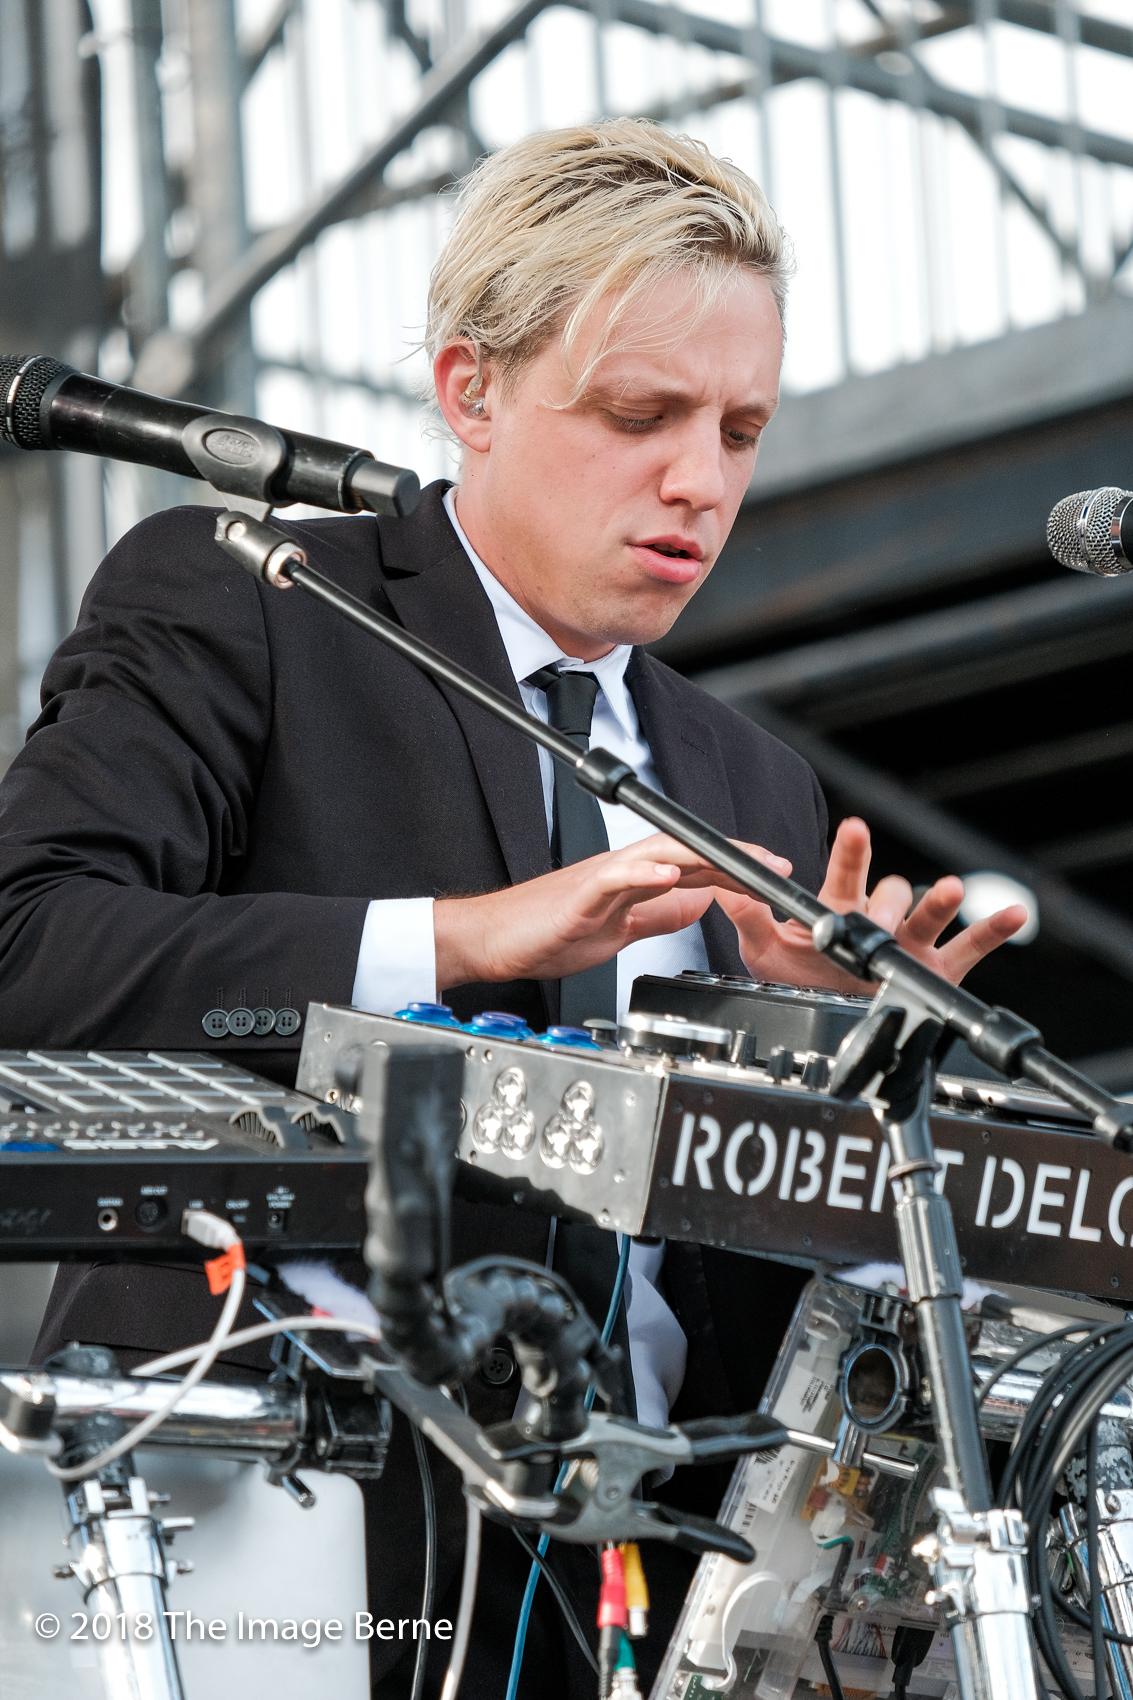 Robert Delong-152.jpg